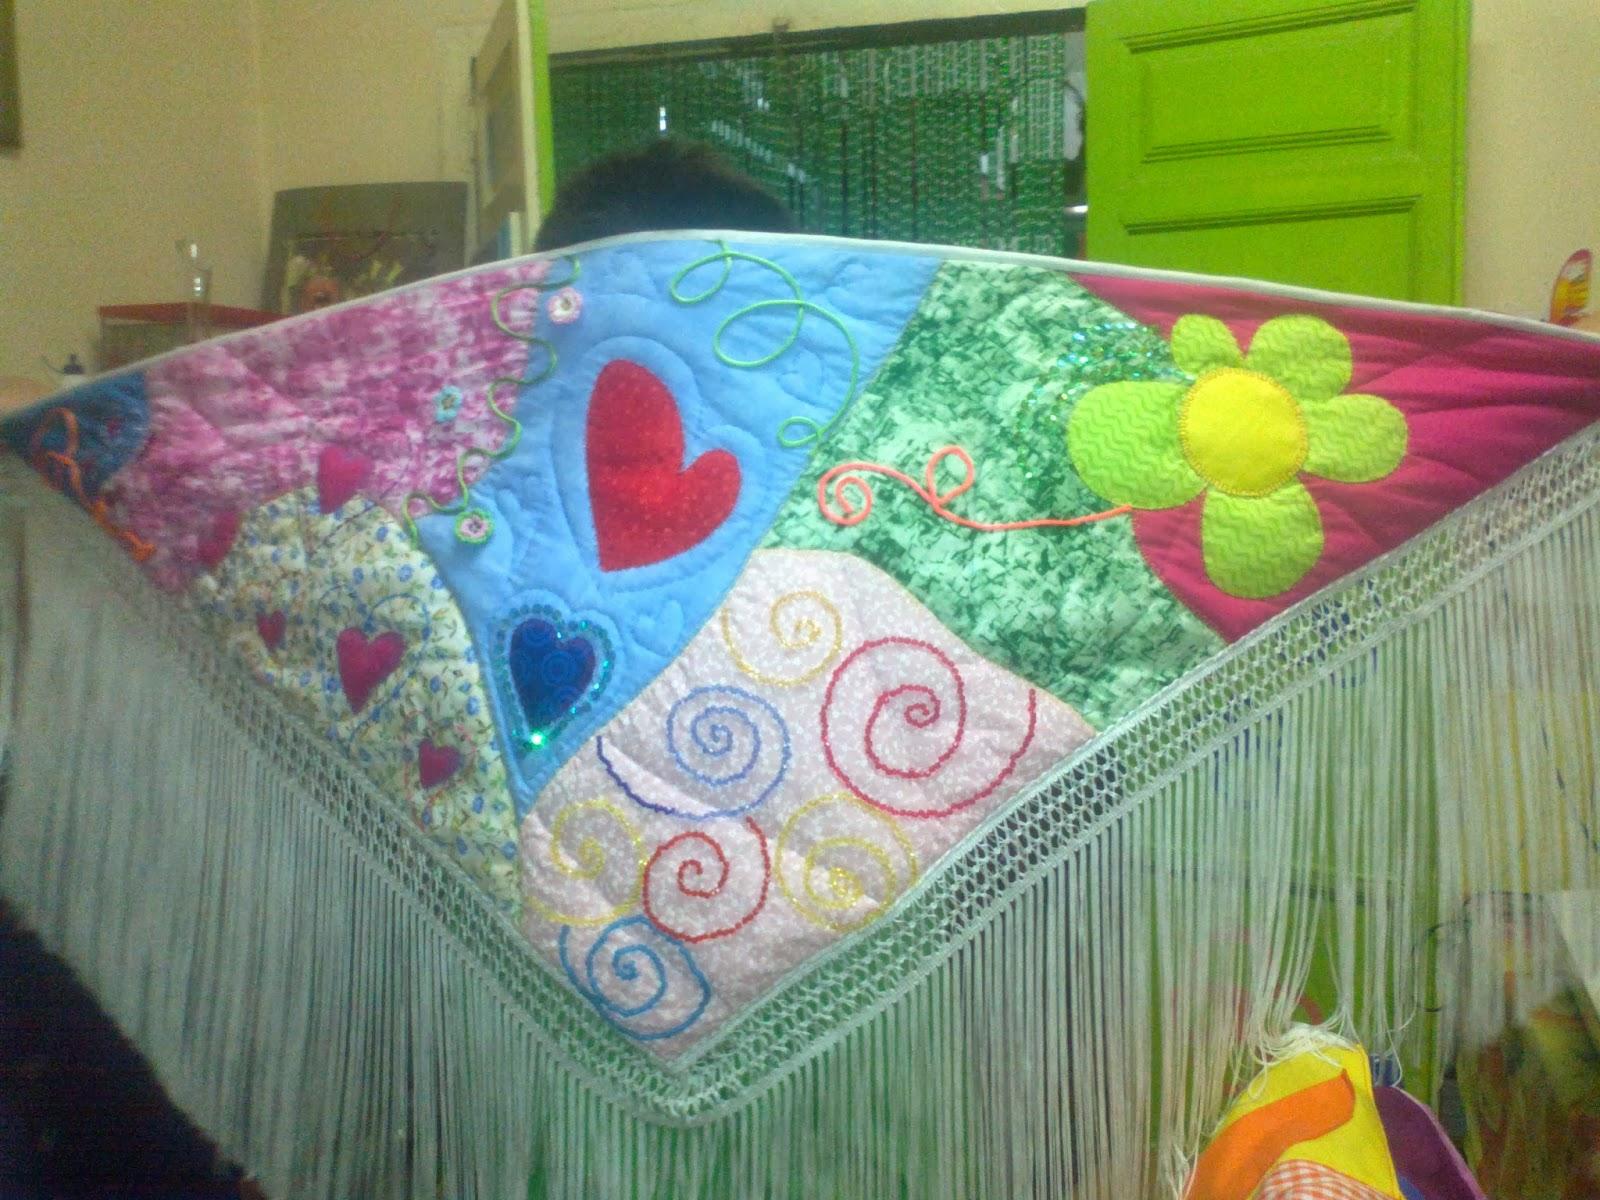 Mantones para ferias faralaes trajes de gitana mant n - Tecnicas de patchwork a mano ...